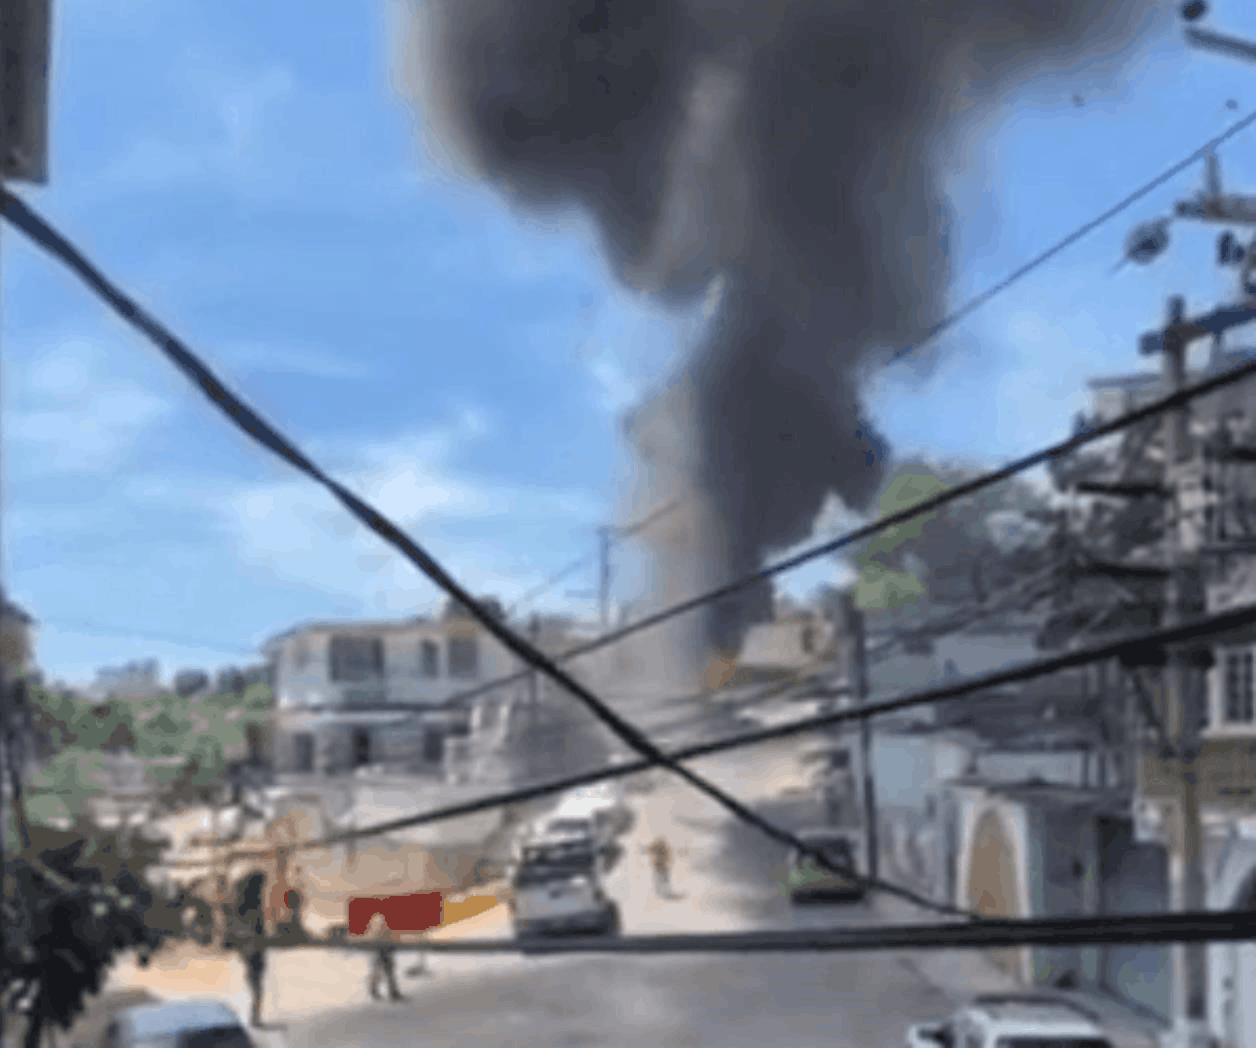 Vive Acapulco ola de violencia; disparan contra civiles y queman vehículos